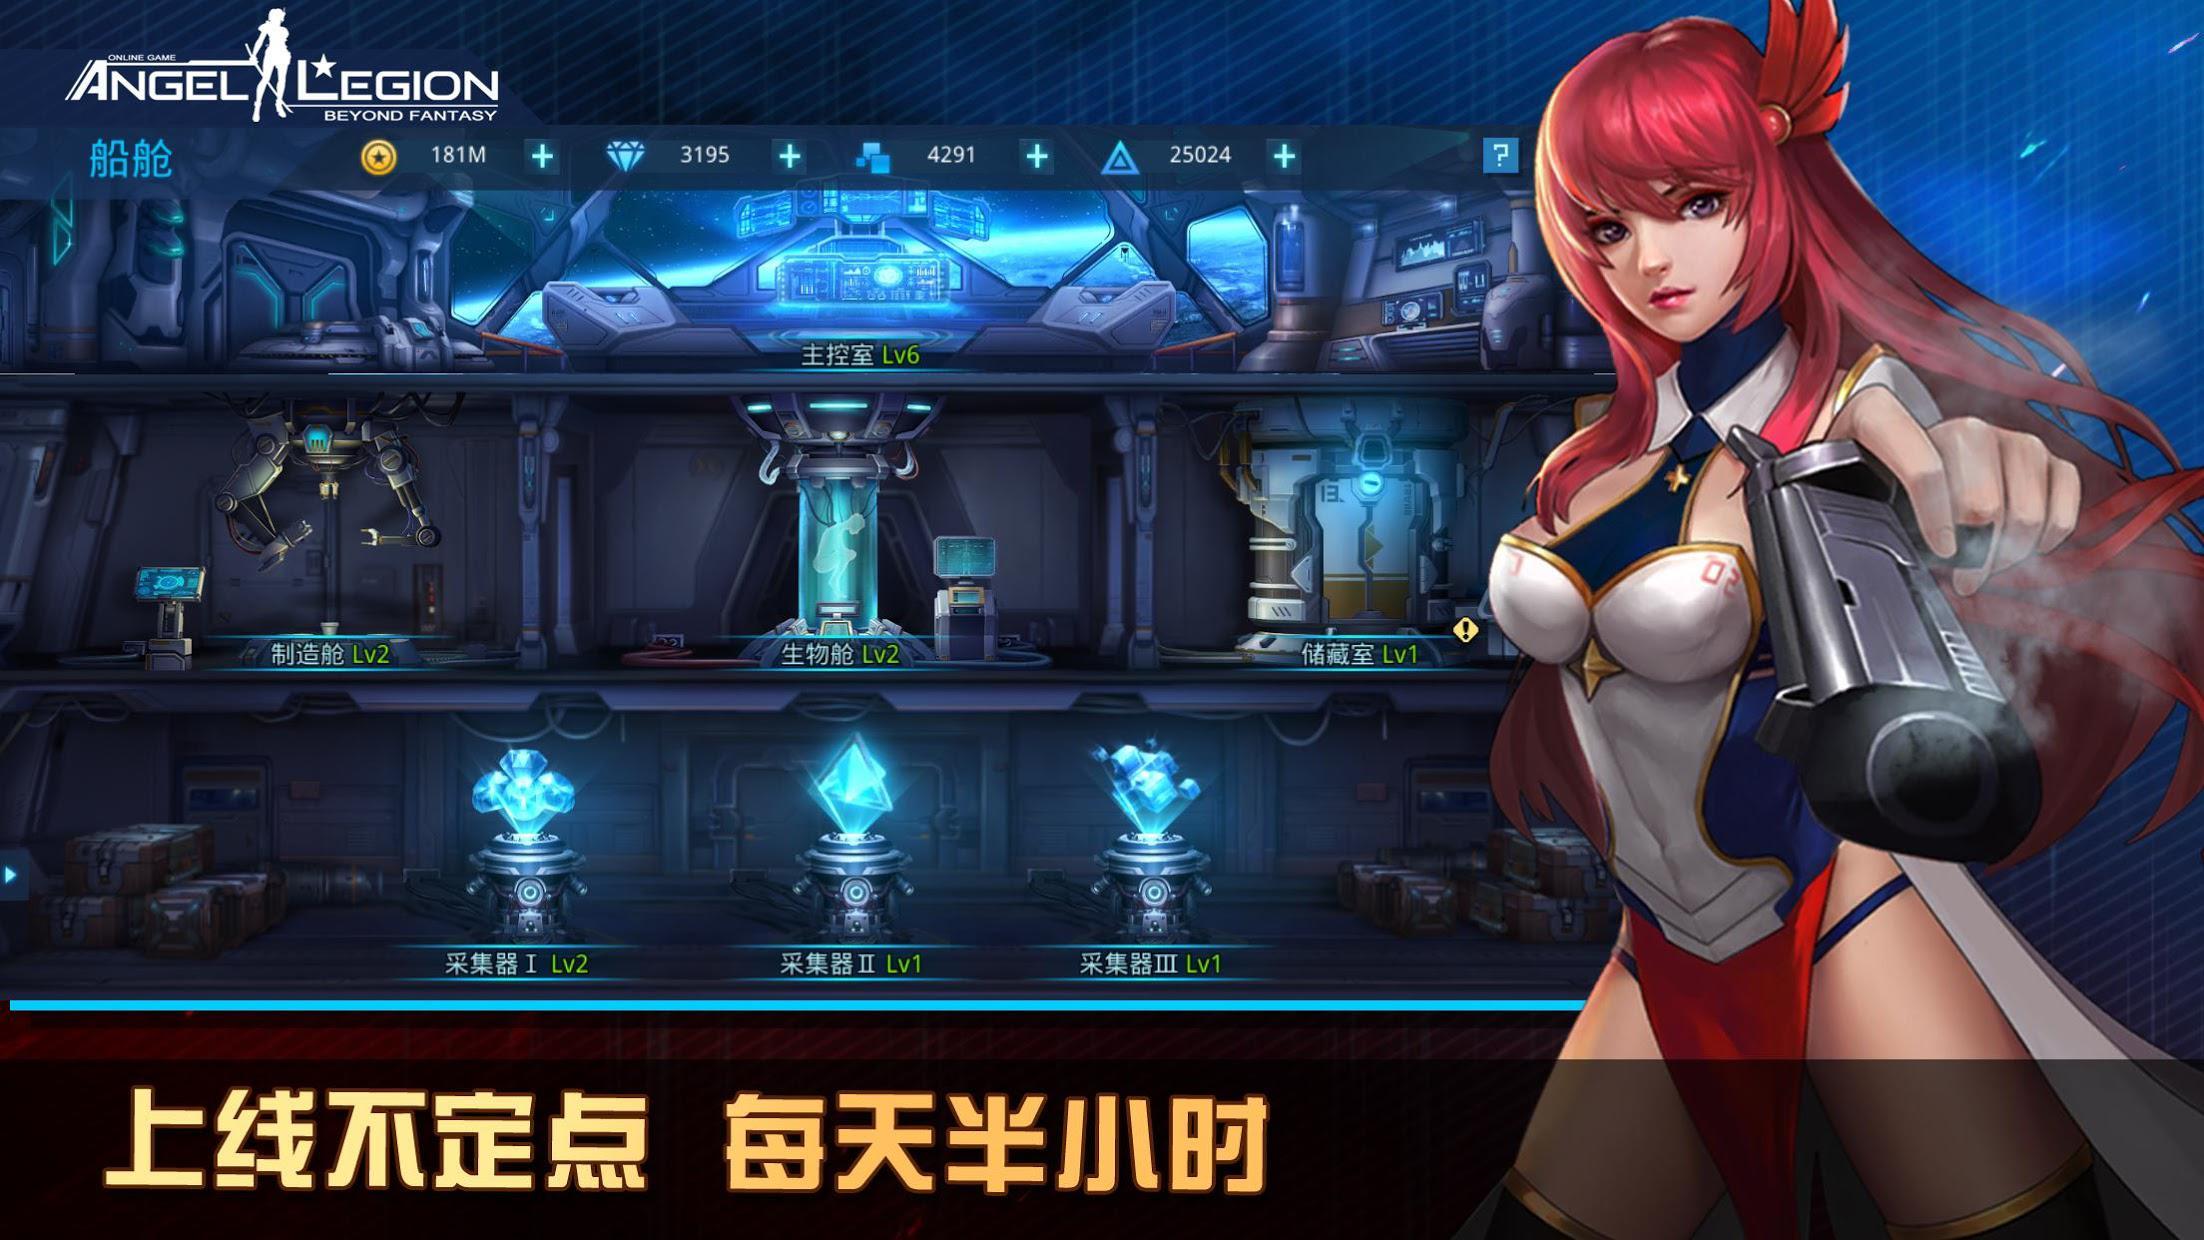 天使军团 游戏截图2